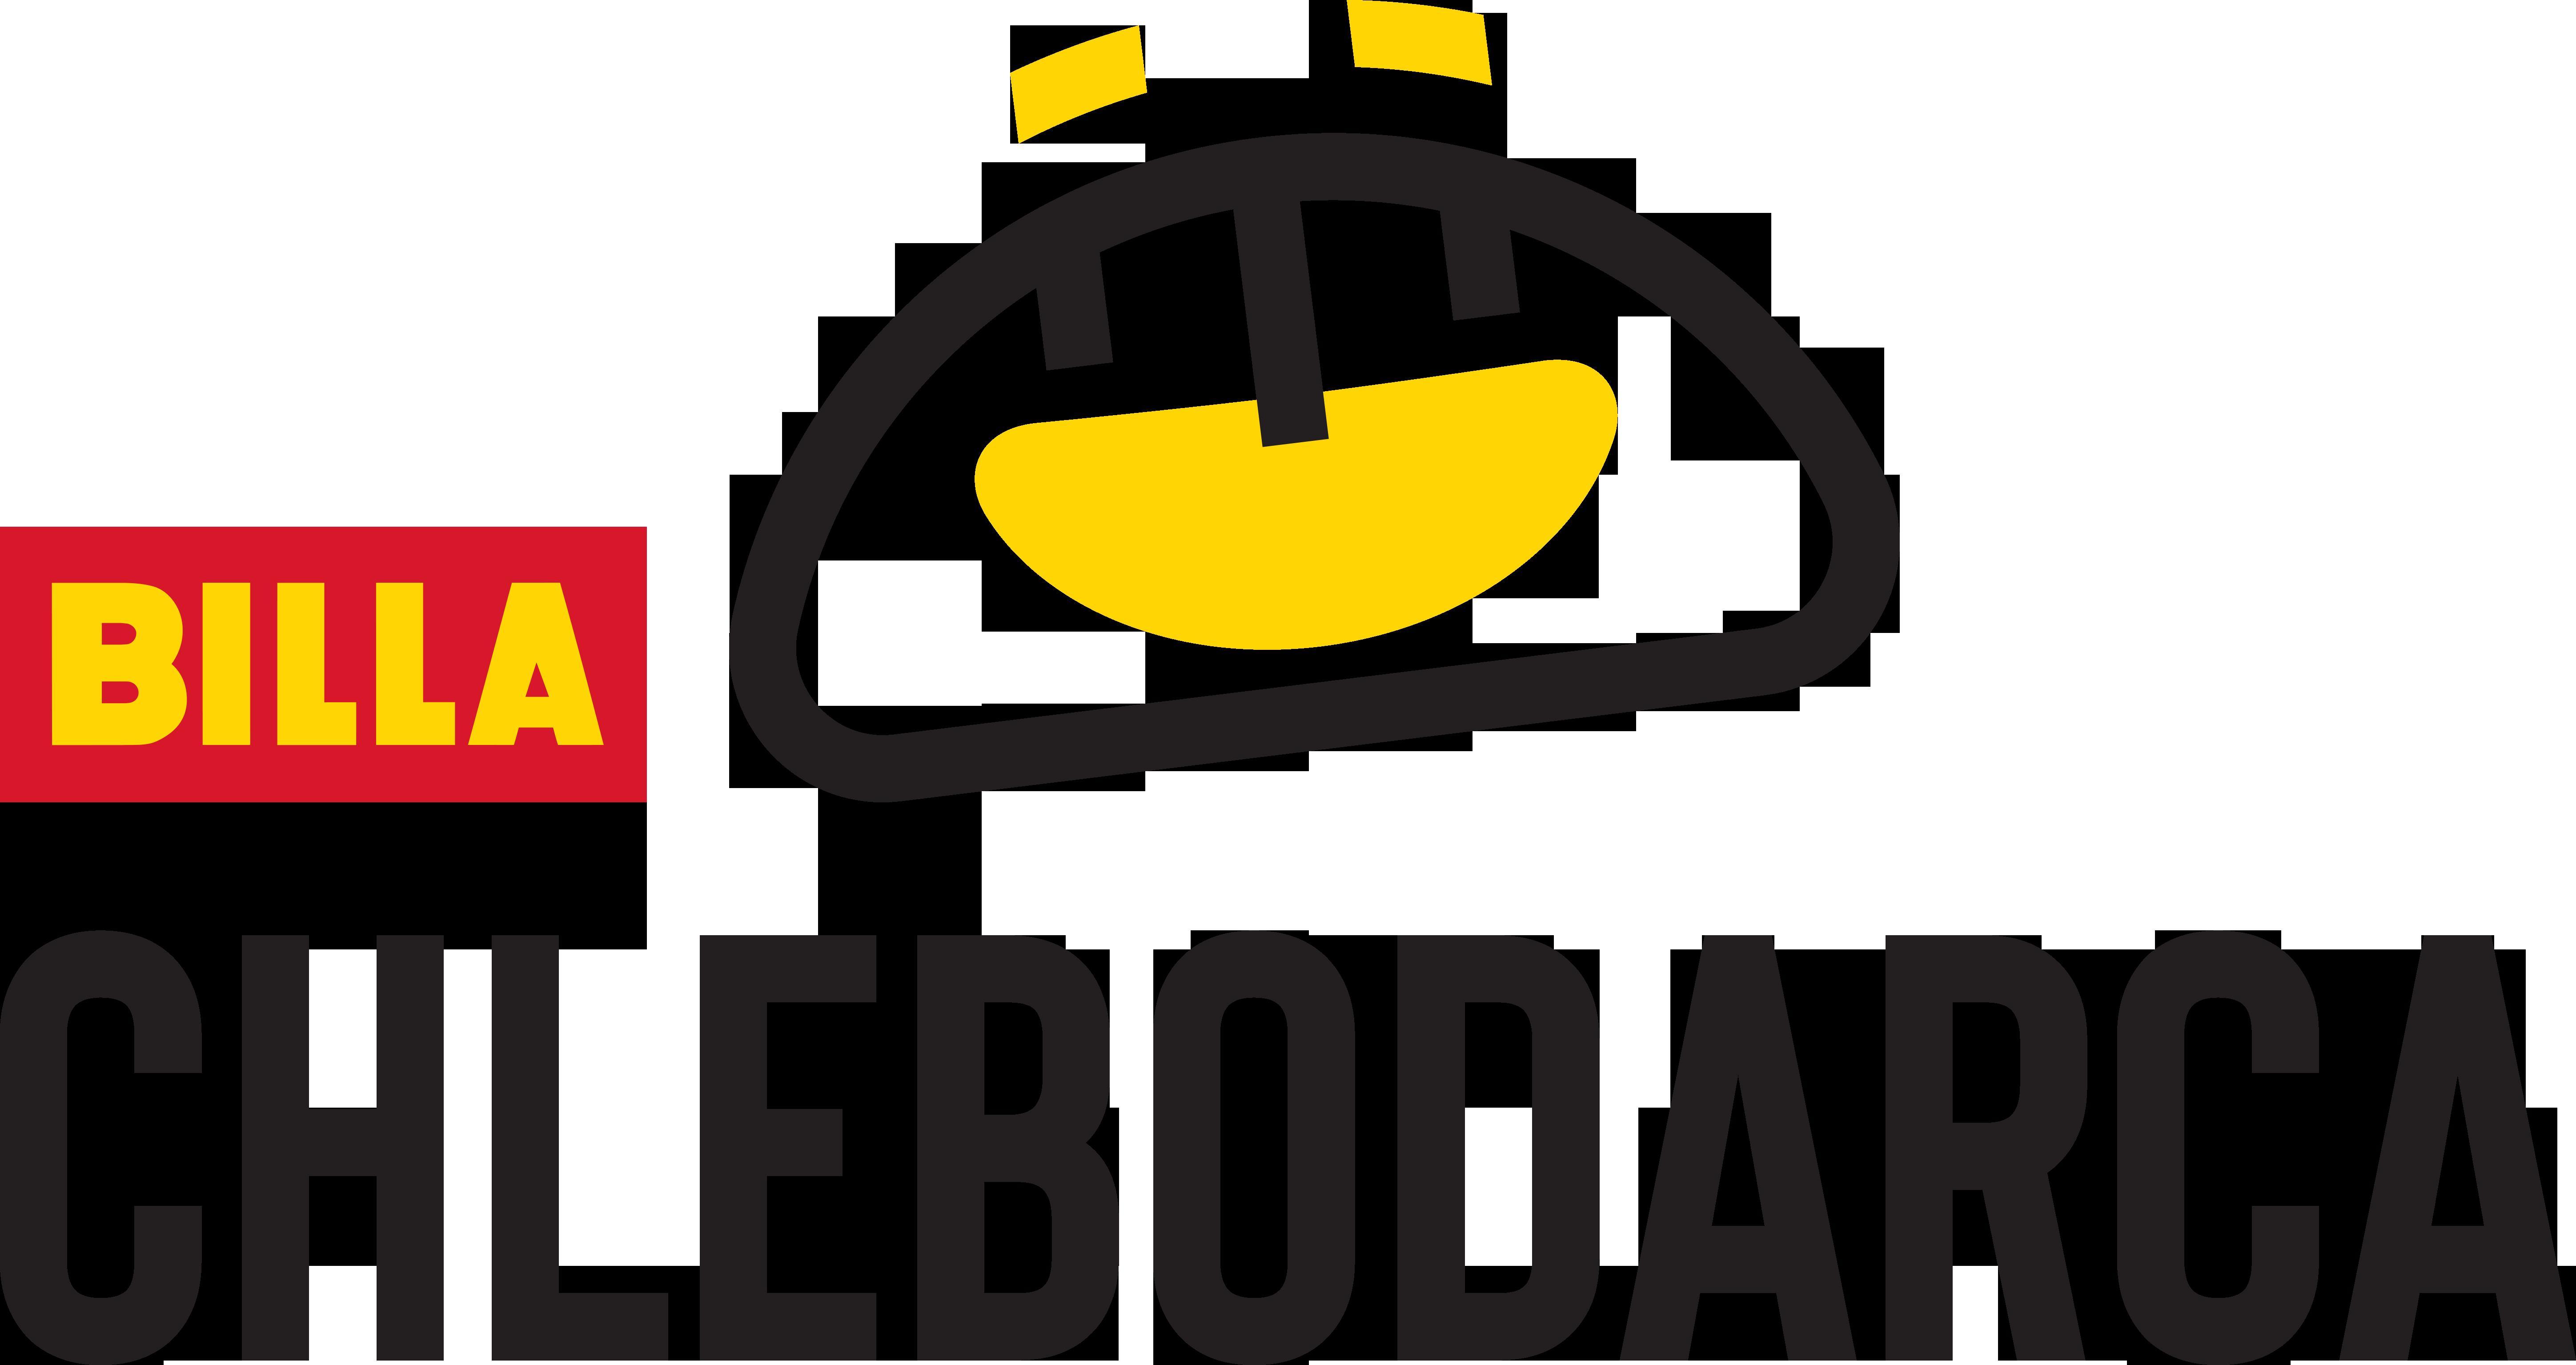 Chlebodarca logo